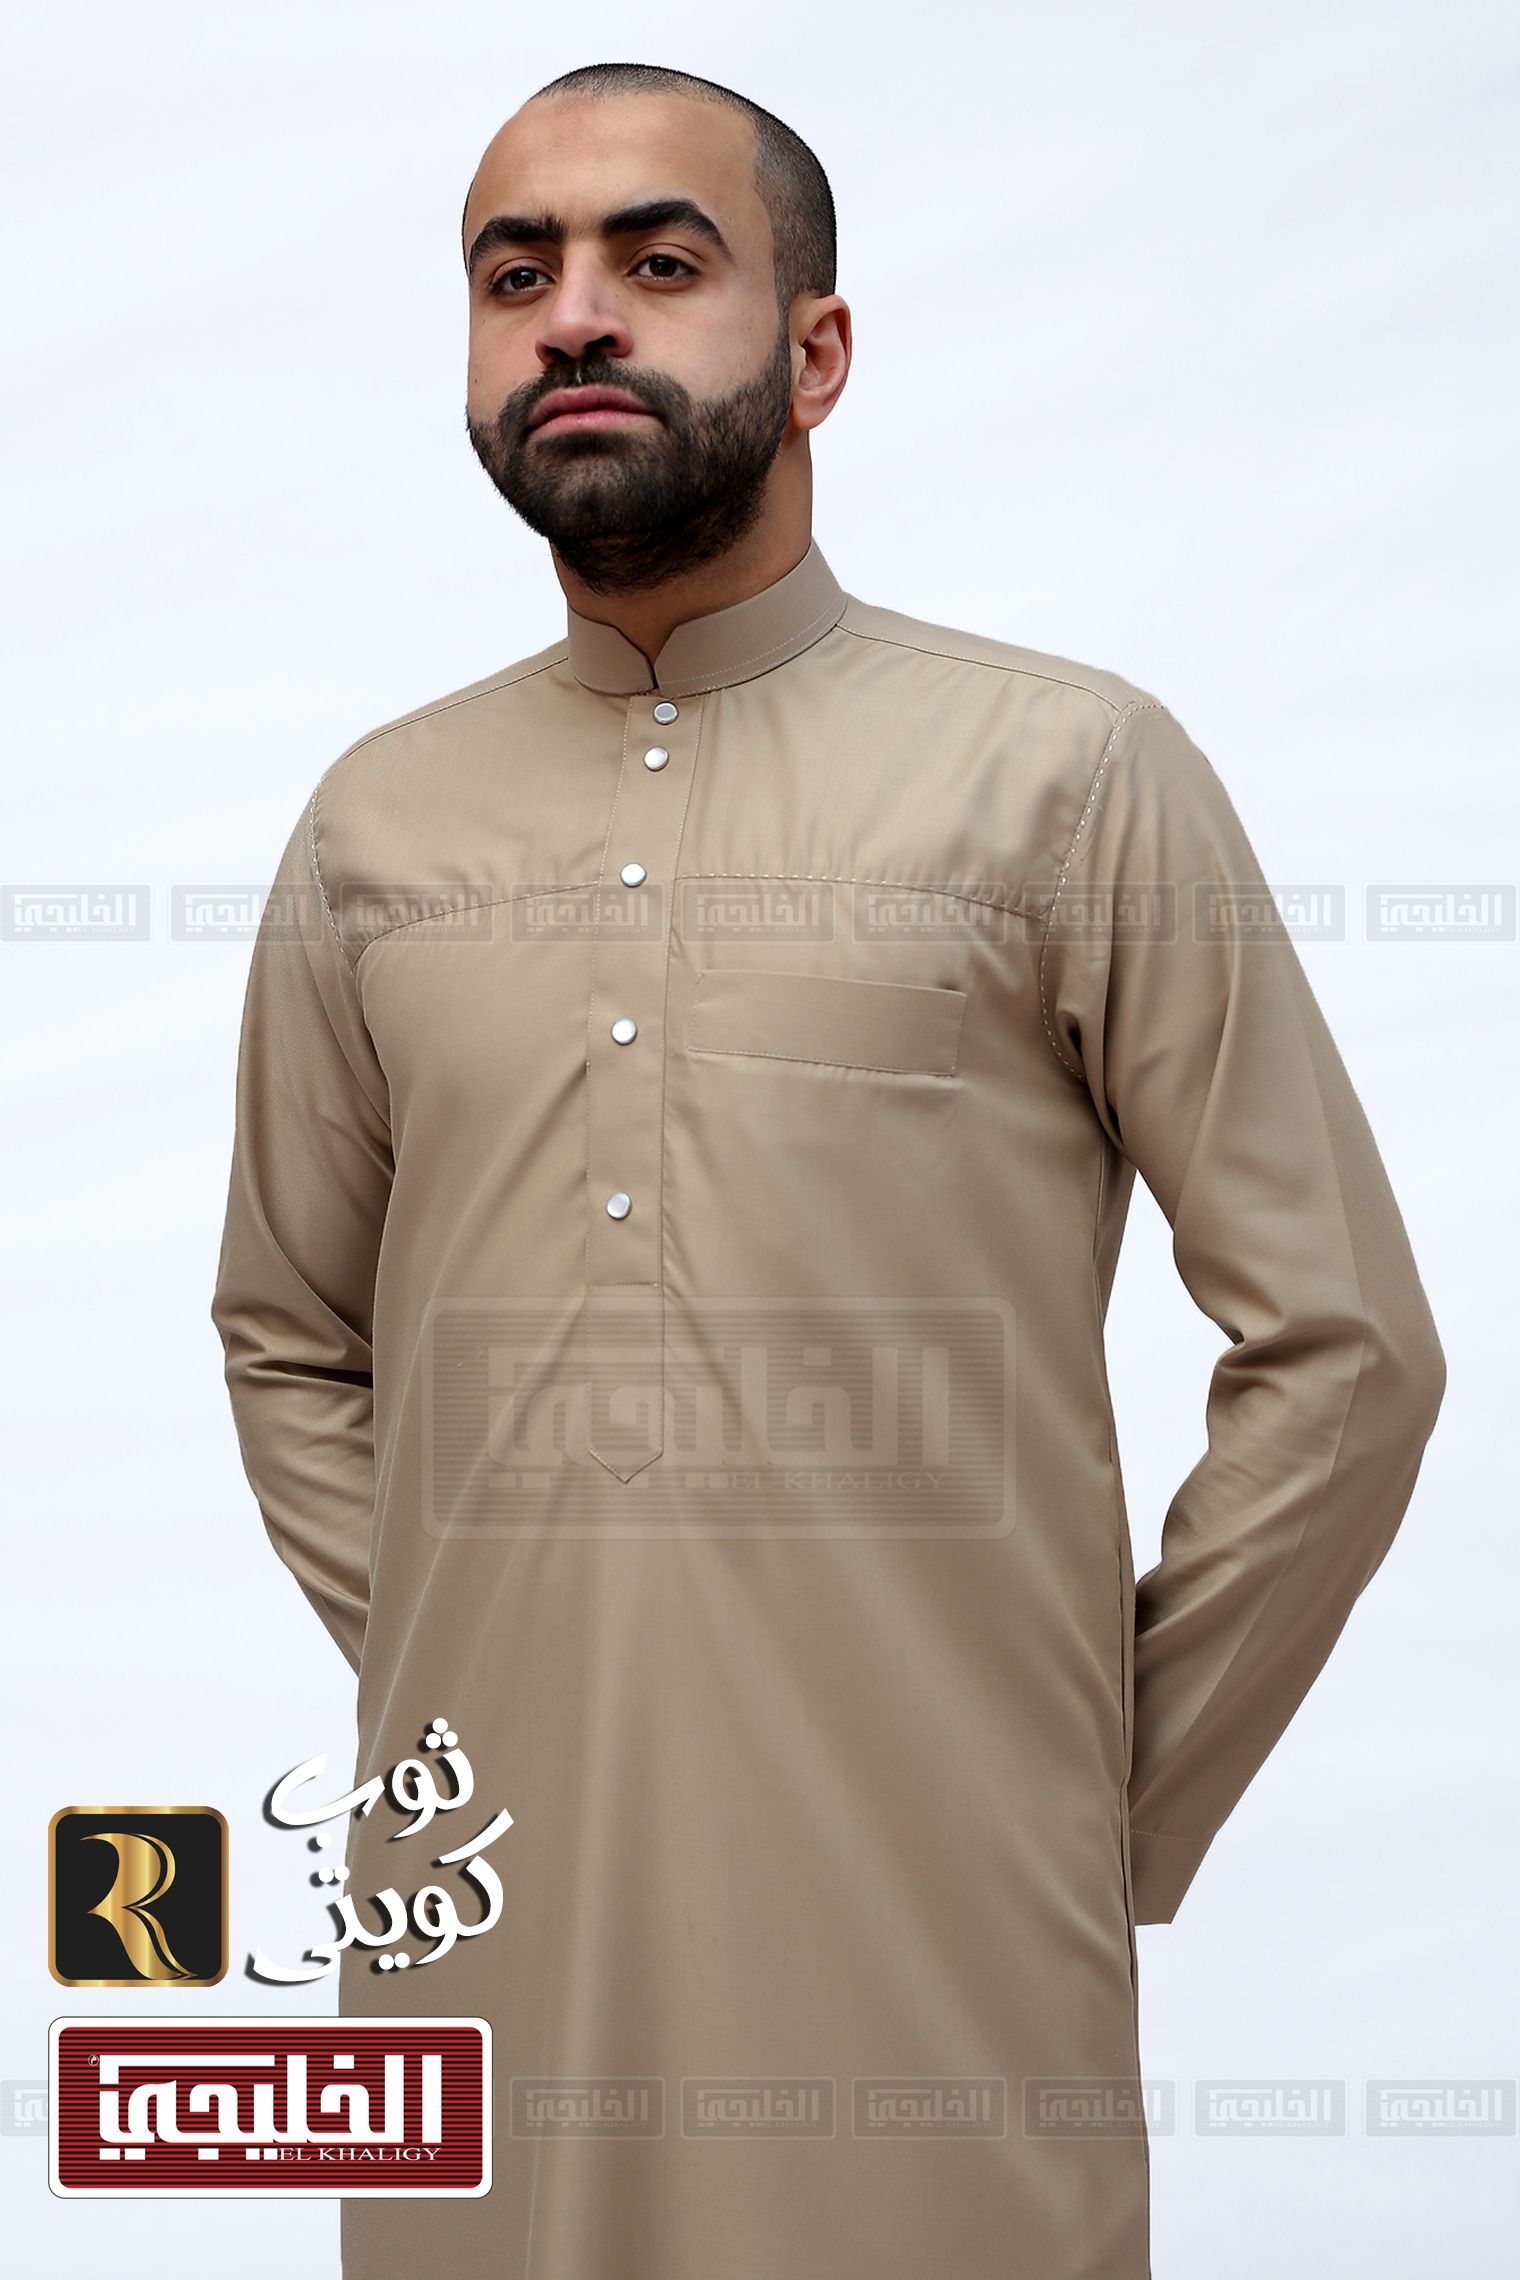 ثوب كويتى Mens Tops Shirts Facebook Sign Up